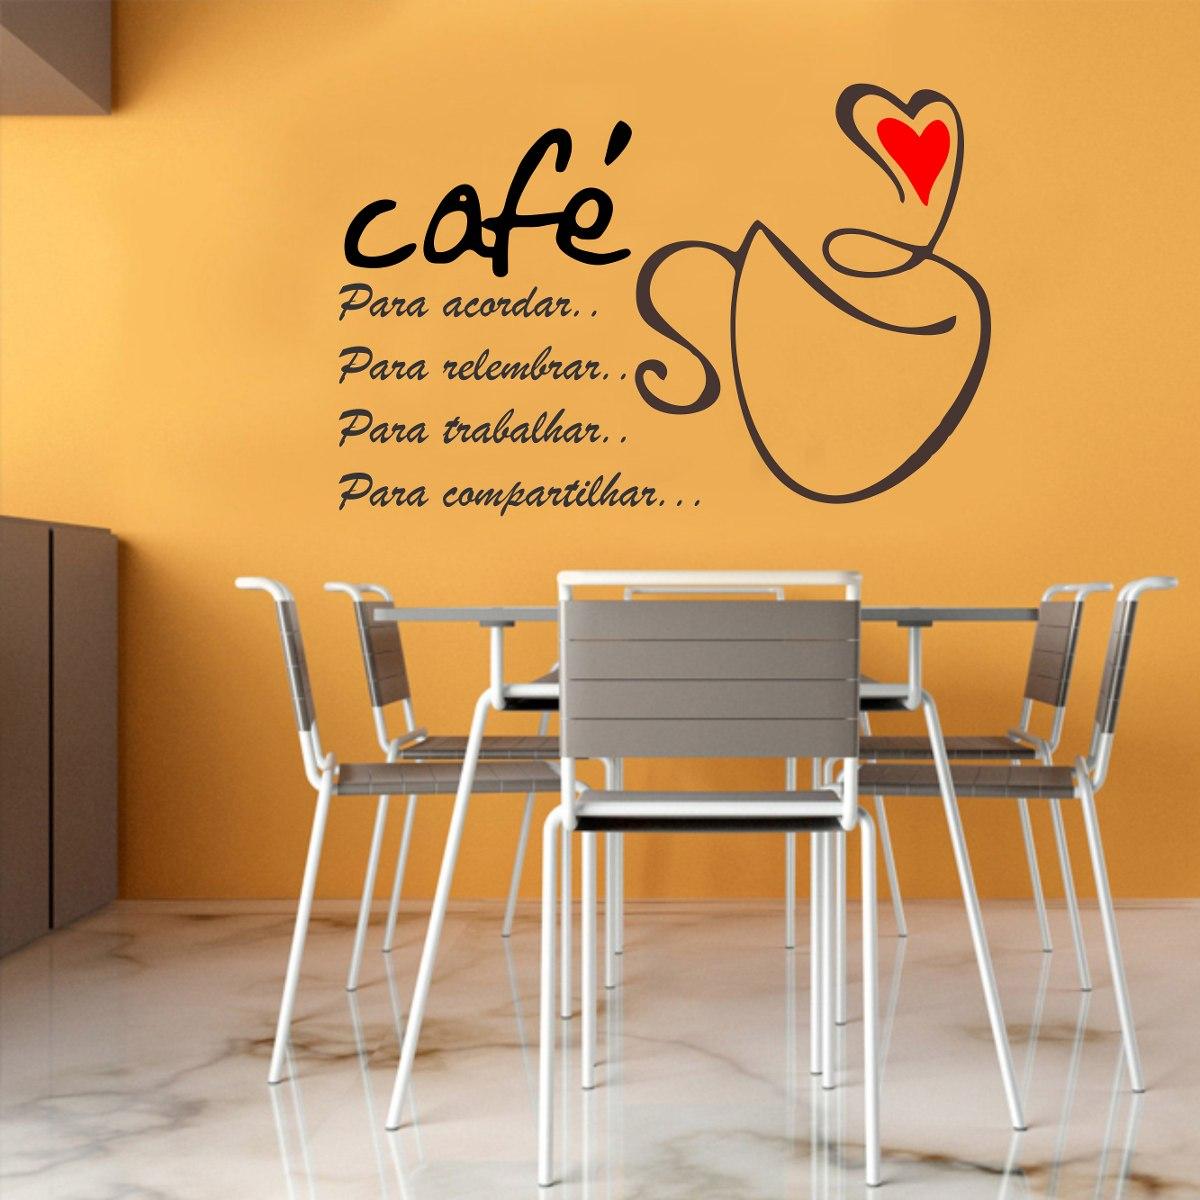 Adesivos Decorativos Parede Cozinha Frases No Mercado Livre Brasil -> Adesivo Sala De Jantar